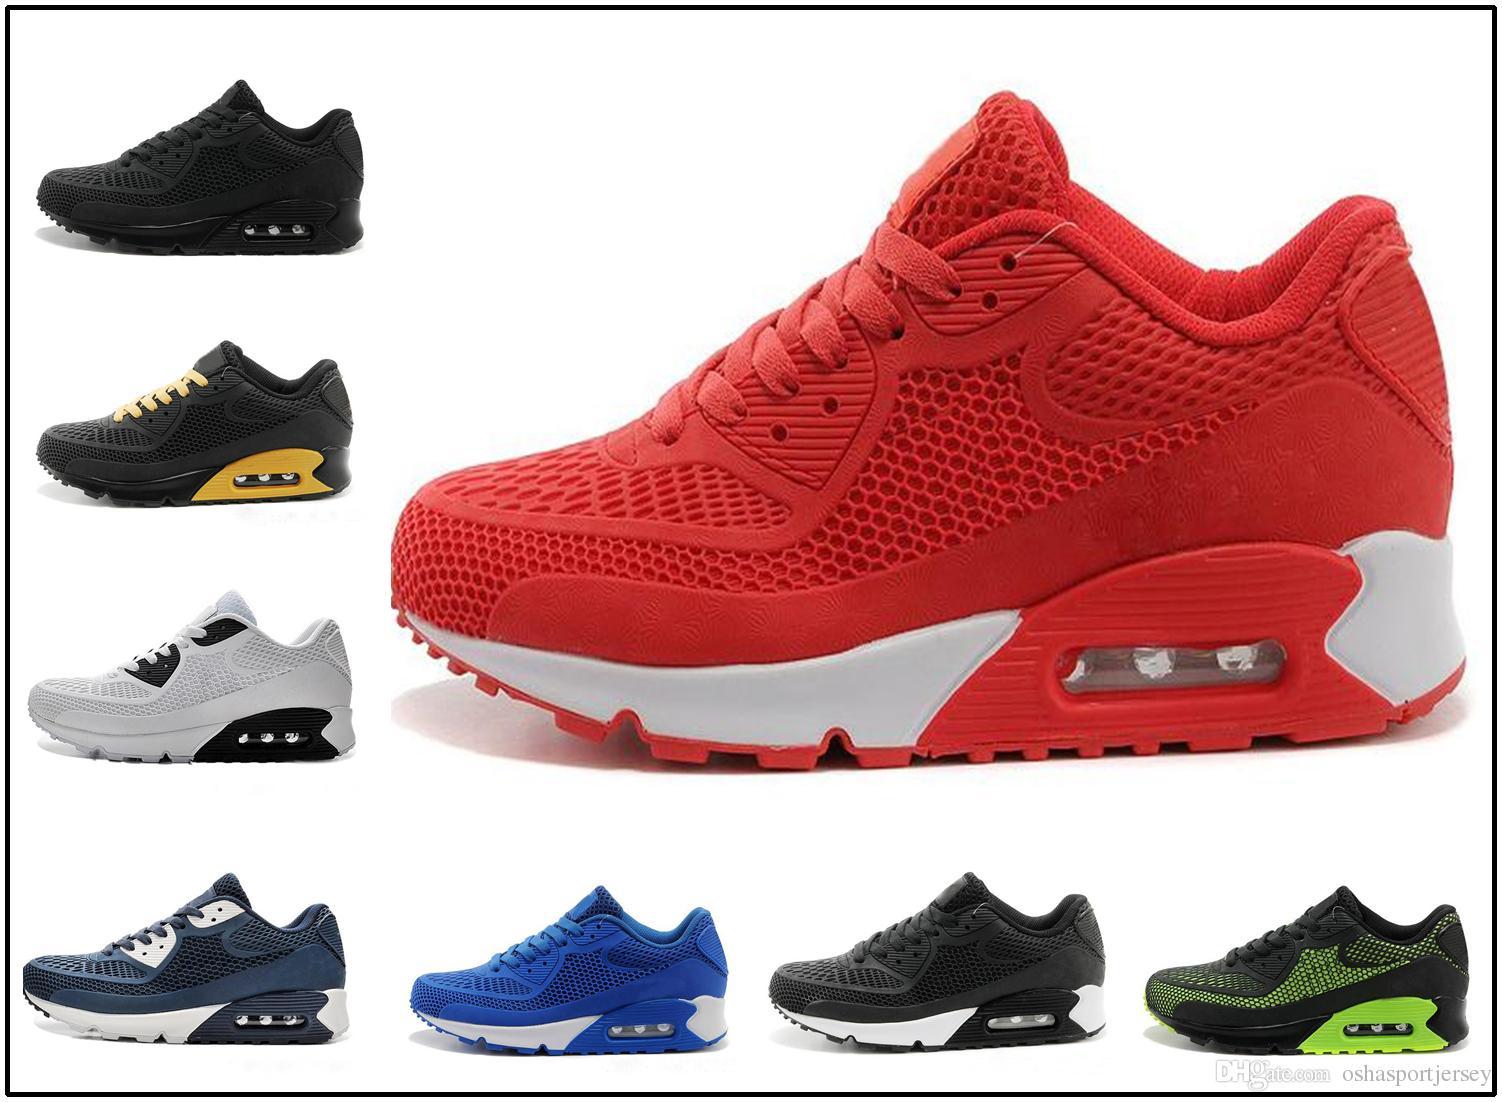 298b867fab0 Compre Nike Air Max Airmax 90 Kpu Nuevos Zapatos Casuales Cushion 90 KPU  Hombres Mujeres Zapatillas De Deporte De Alta Calidad Todos Los Zapatos  Deportivos ...